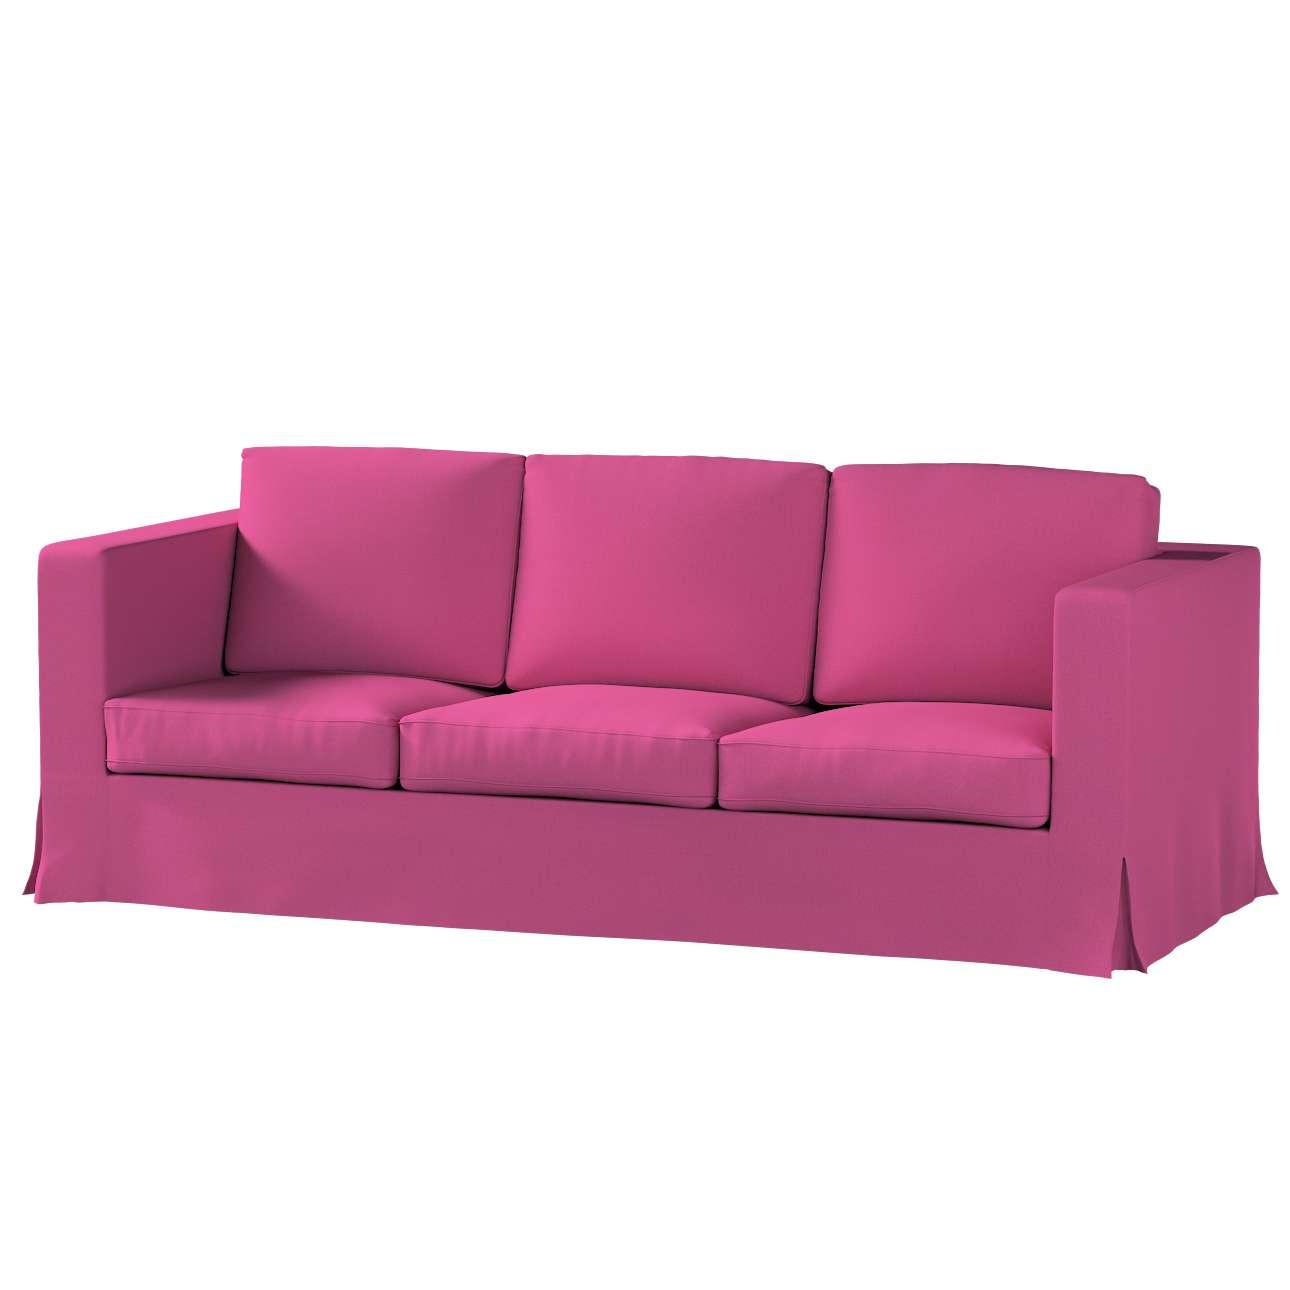 Potah na pohovku IKEA  Karlanda 3-místná nerozkládací, dlouhý v kolekci Living II, látka: 161-29